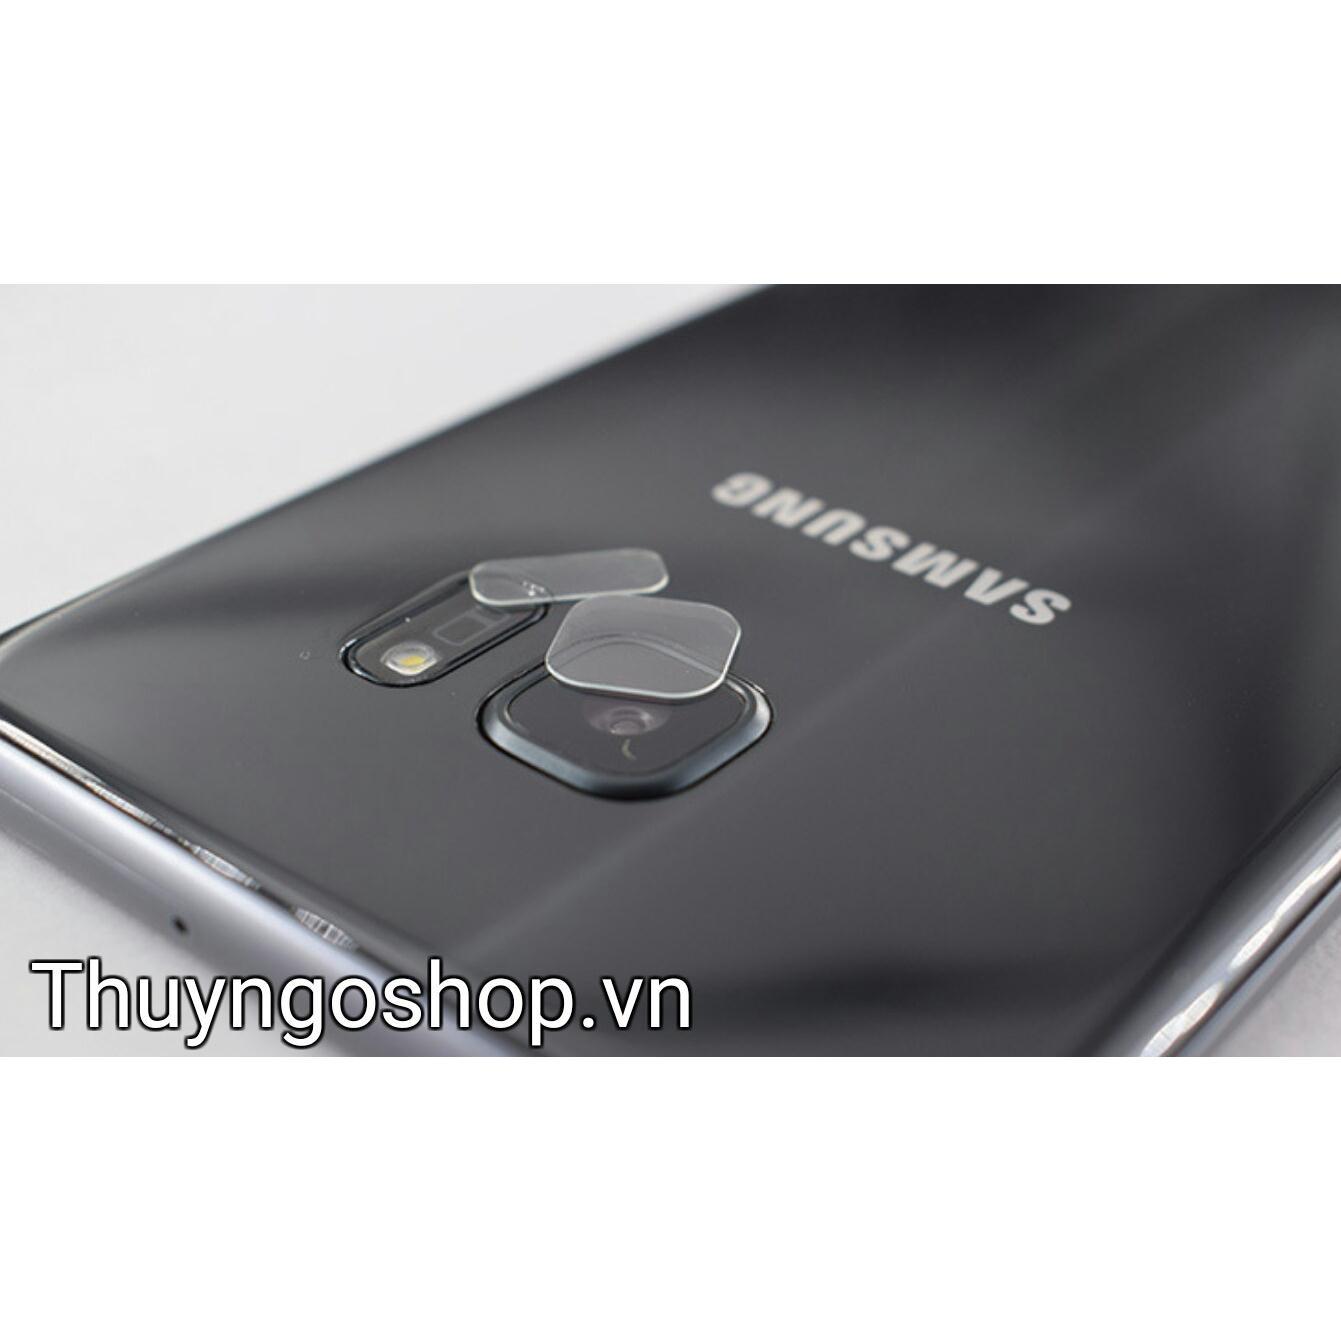 Dán bảo vệ chống trầy camera + flash Samsung S6